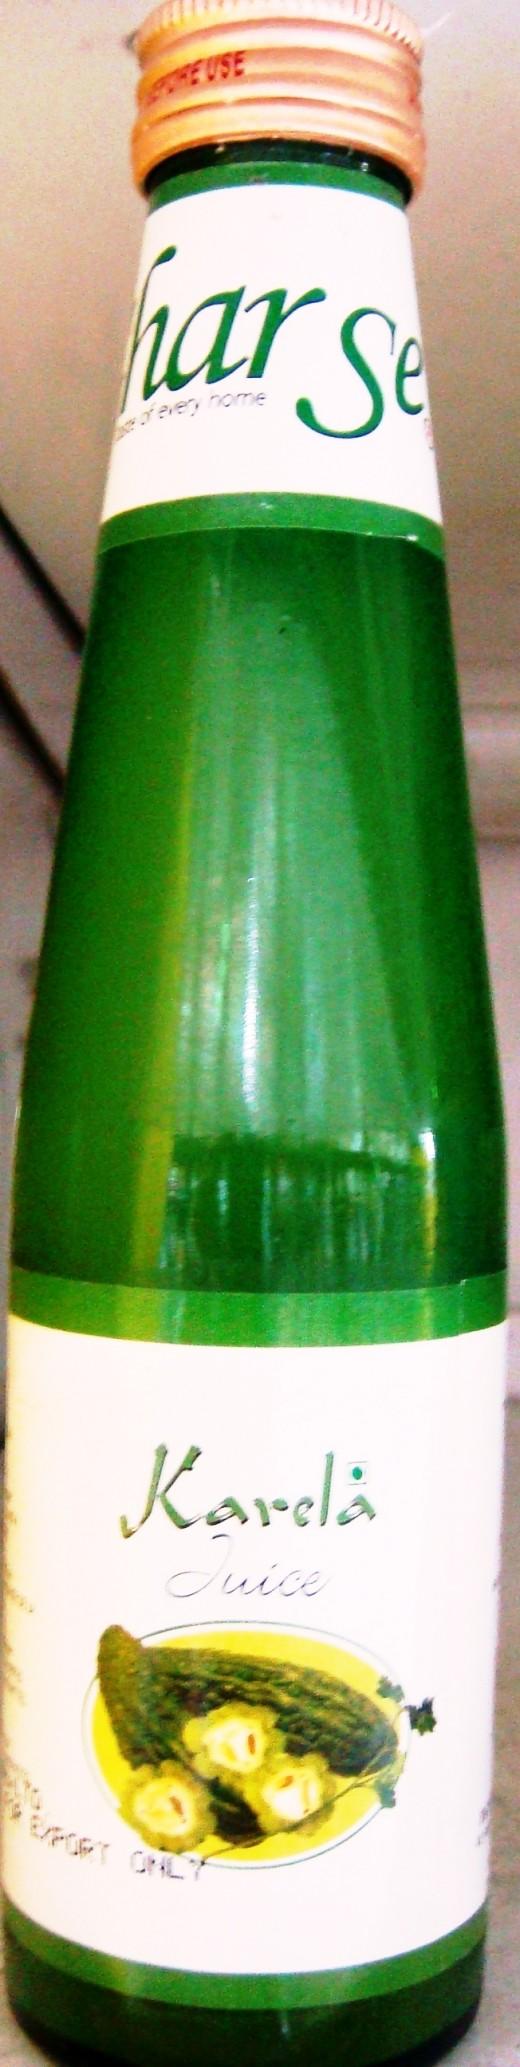 Karela juice in a bottle